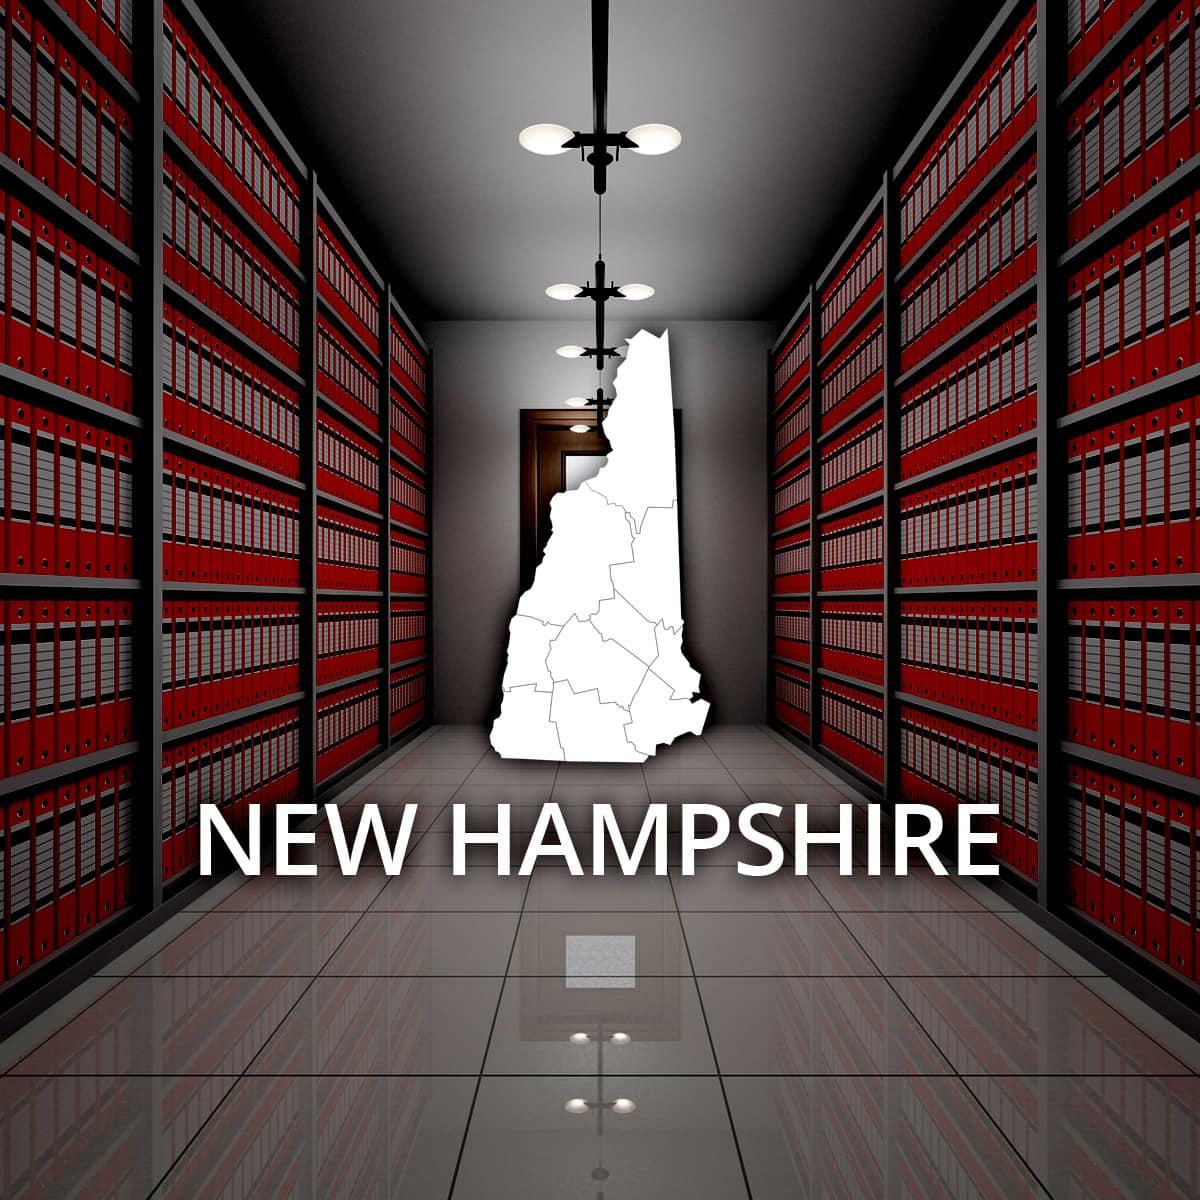 New Hampshire Public Records